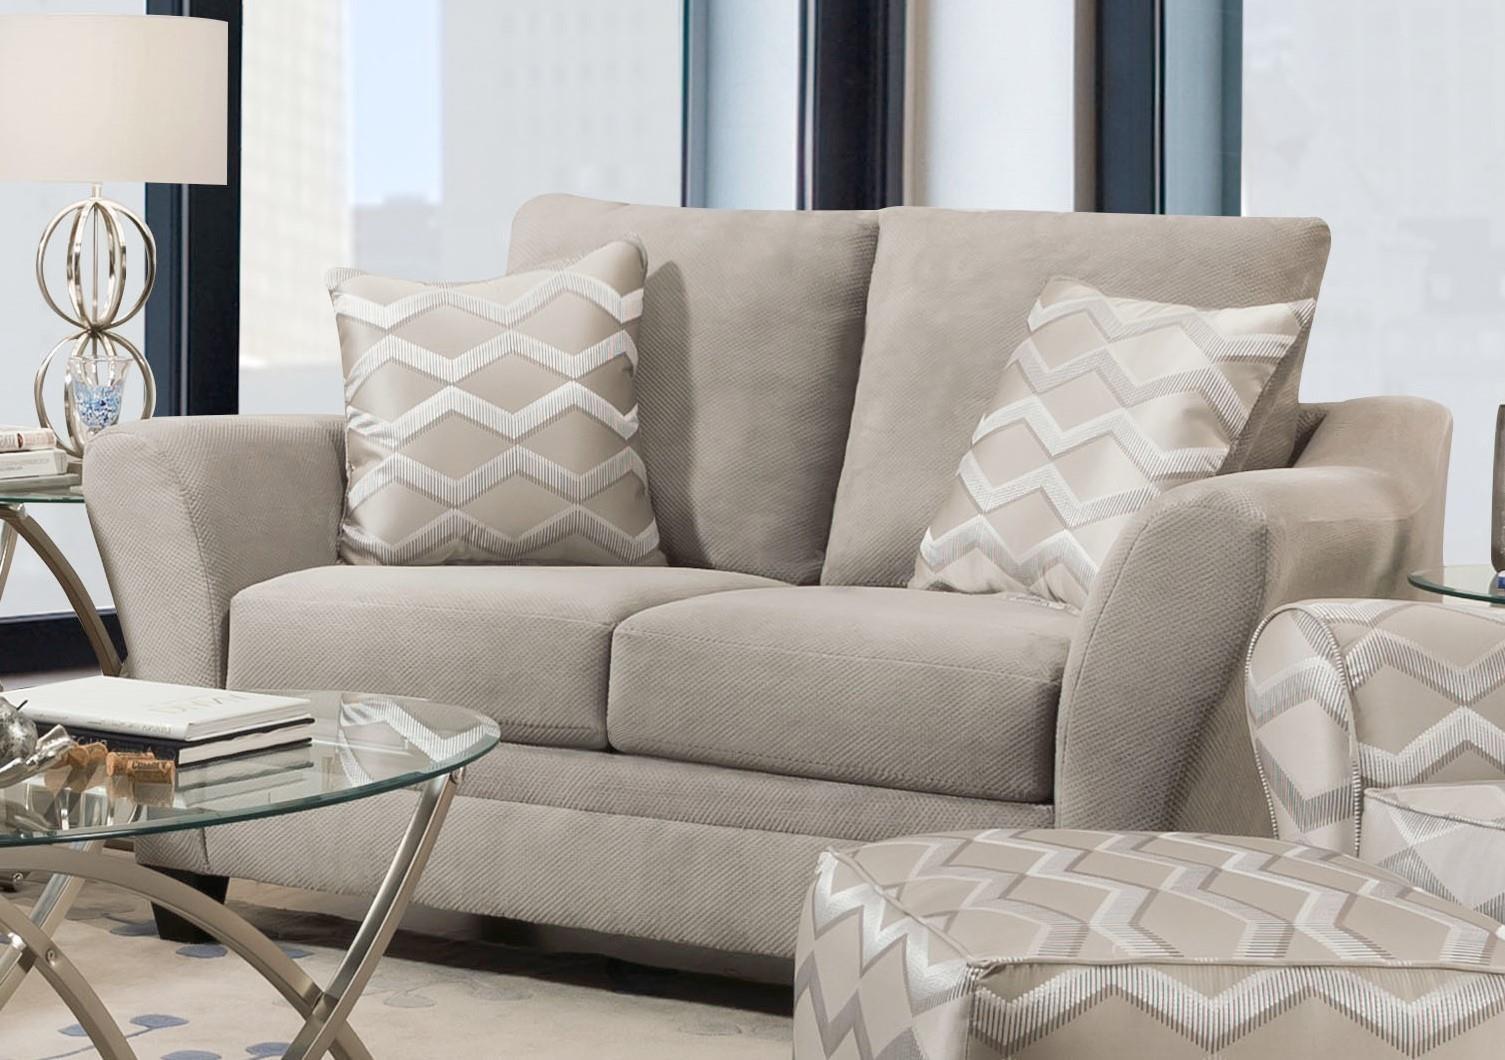 40F Copper Platinum 40F2 Loveseat by Corinthian at Furniture Fair - North Carolina